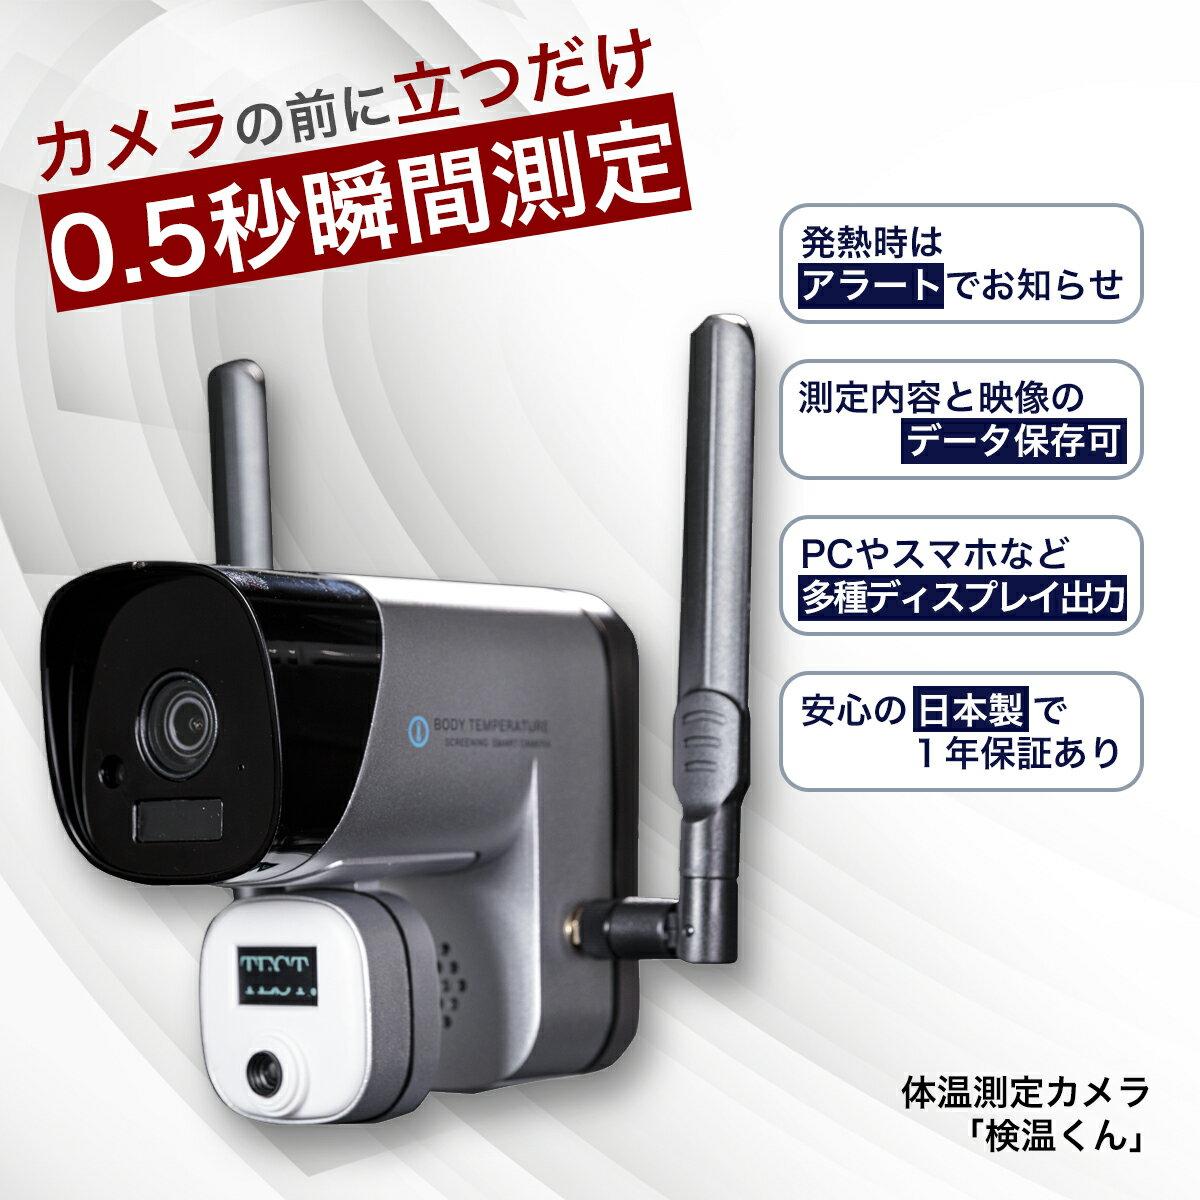 カメラ・ビデオカメラ・光学機器, 業務用ビデオカメラ  OK